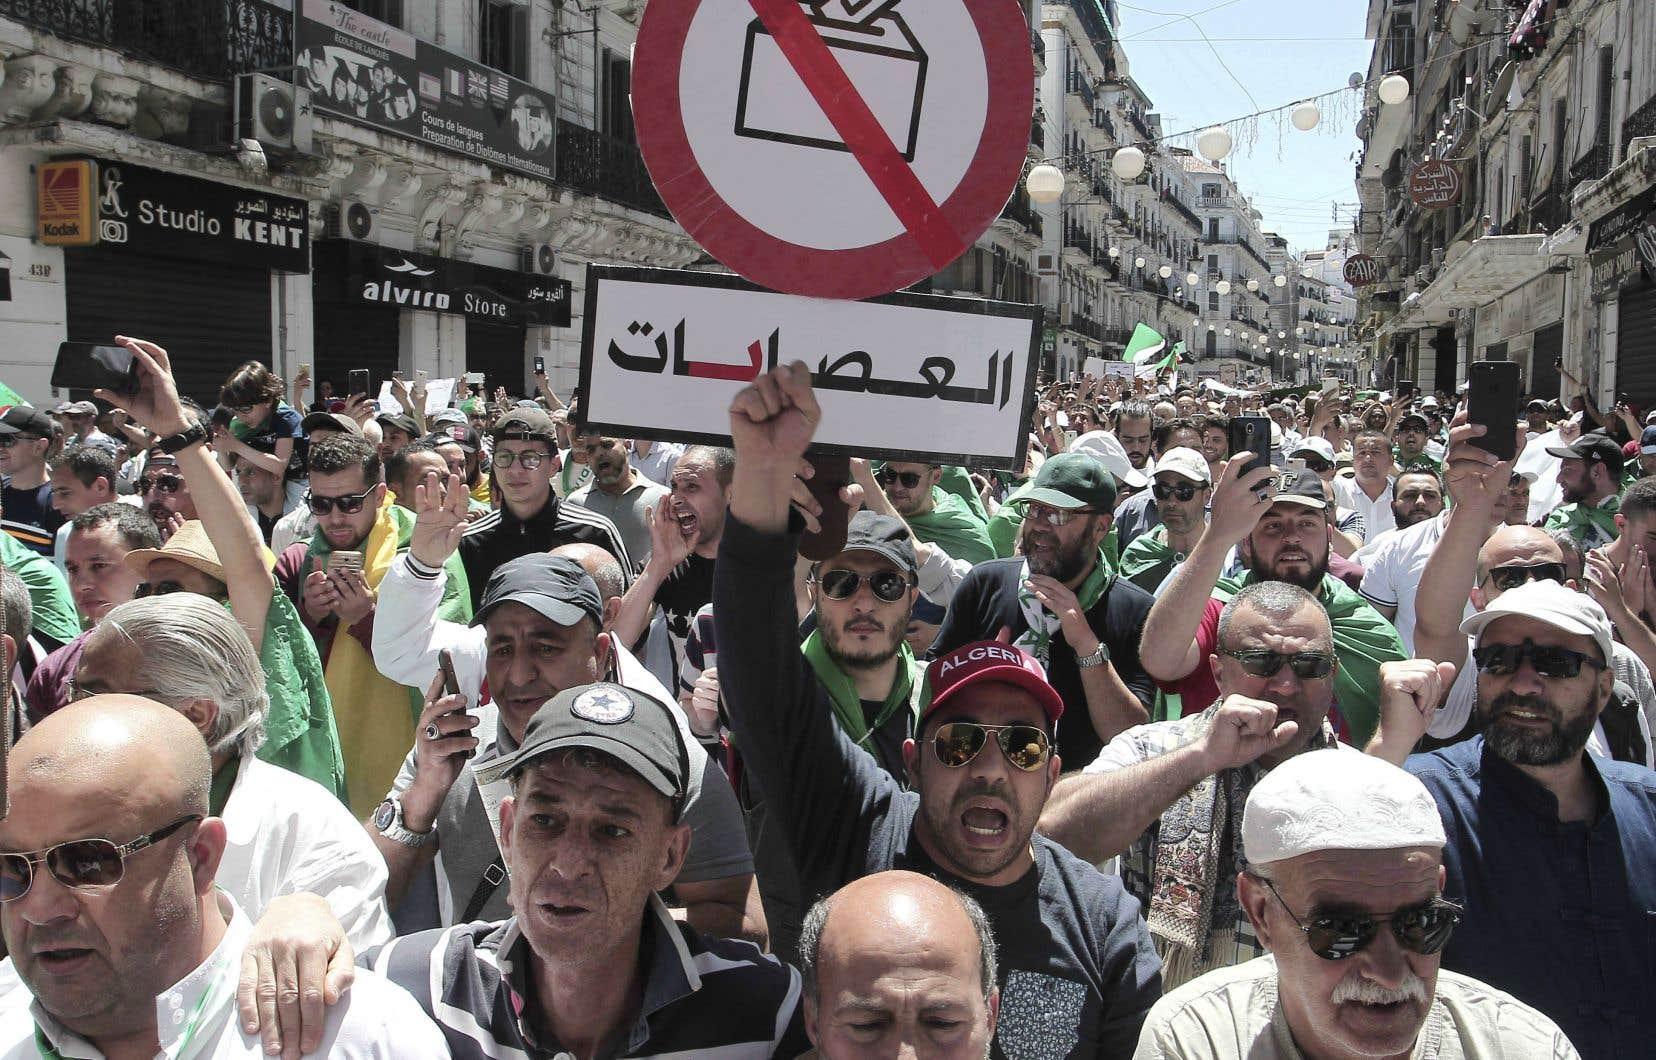 Les participants à ces marches hebdomadaires ont réitéré leur intention, ramadan ou pas, de descendre dans la rue chaque vendredi jusqu'à la destitution complète du régime.